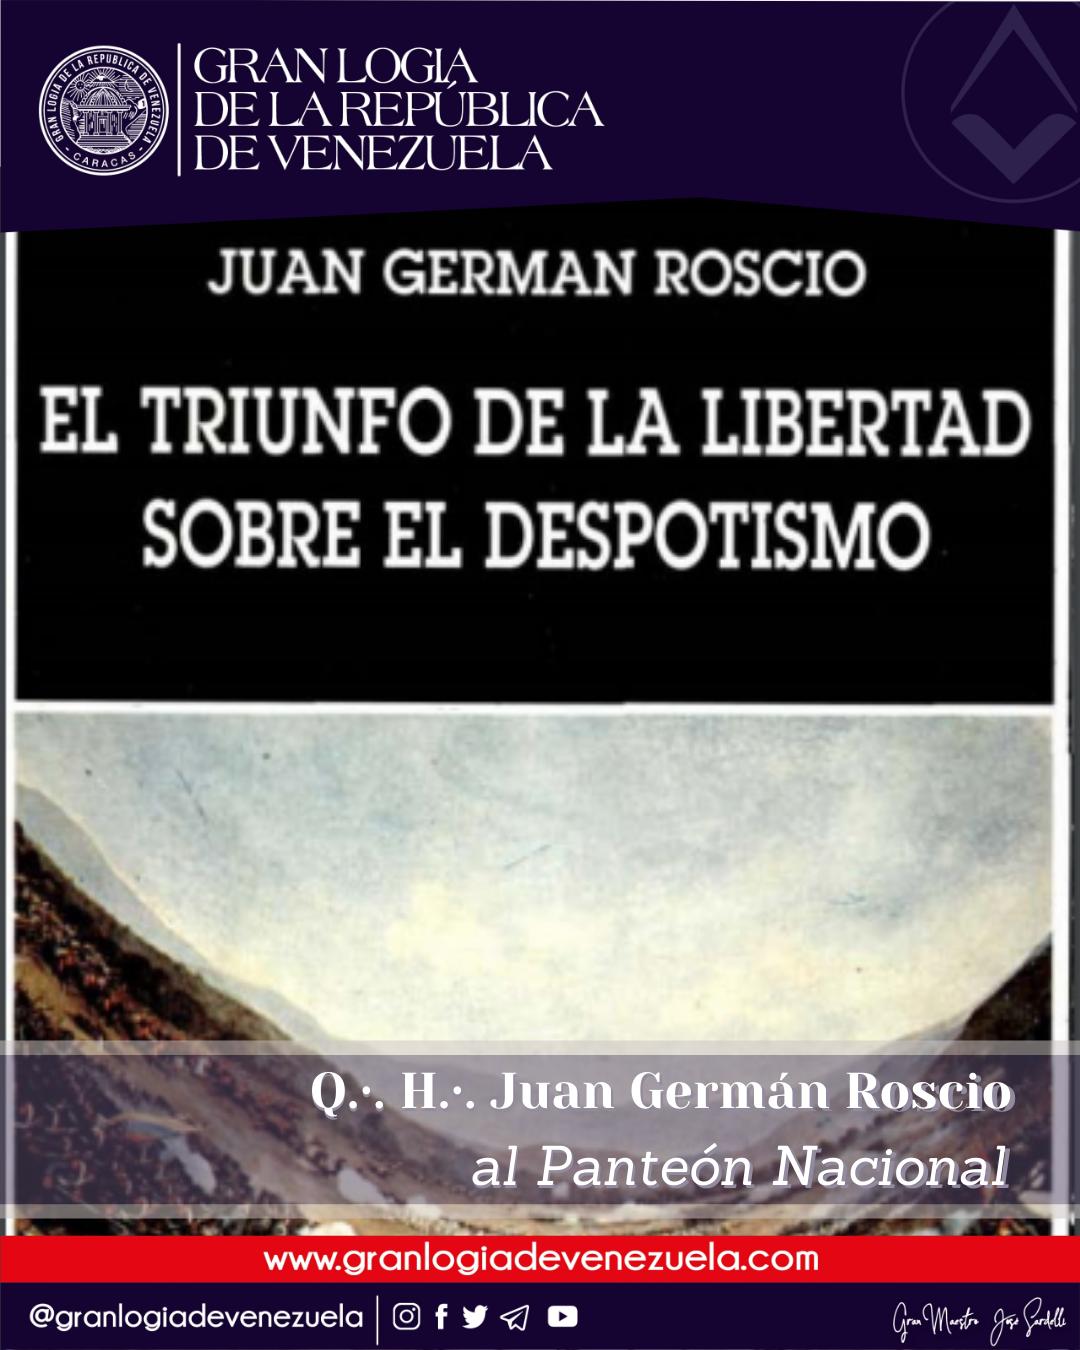 """A L∴ G∴ D∴ G∴ A∴ D∴ U∴S∴ F∴ U∴LIBROS PARA DESBASTAR""""EL TRIUNFO DE LA LIBERTAD SOBRE EL DESPOTISMO""""/ Fundación Biblioteca Ayacucho /Autor: Q∴ H∴ Juan German Roscio."""